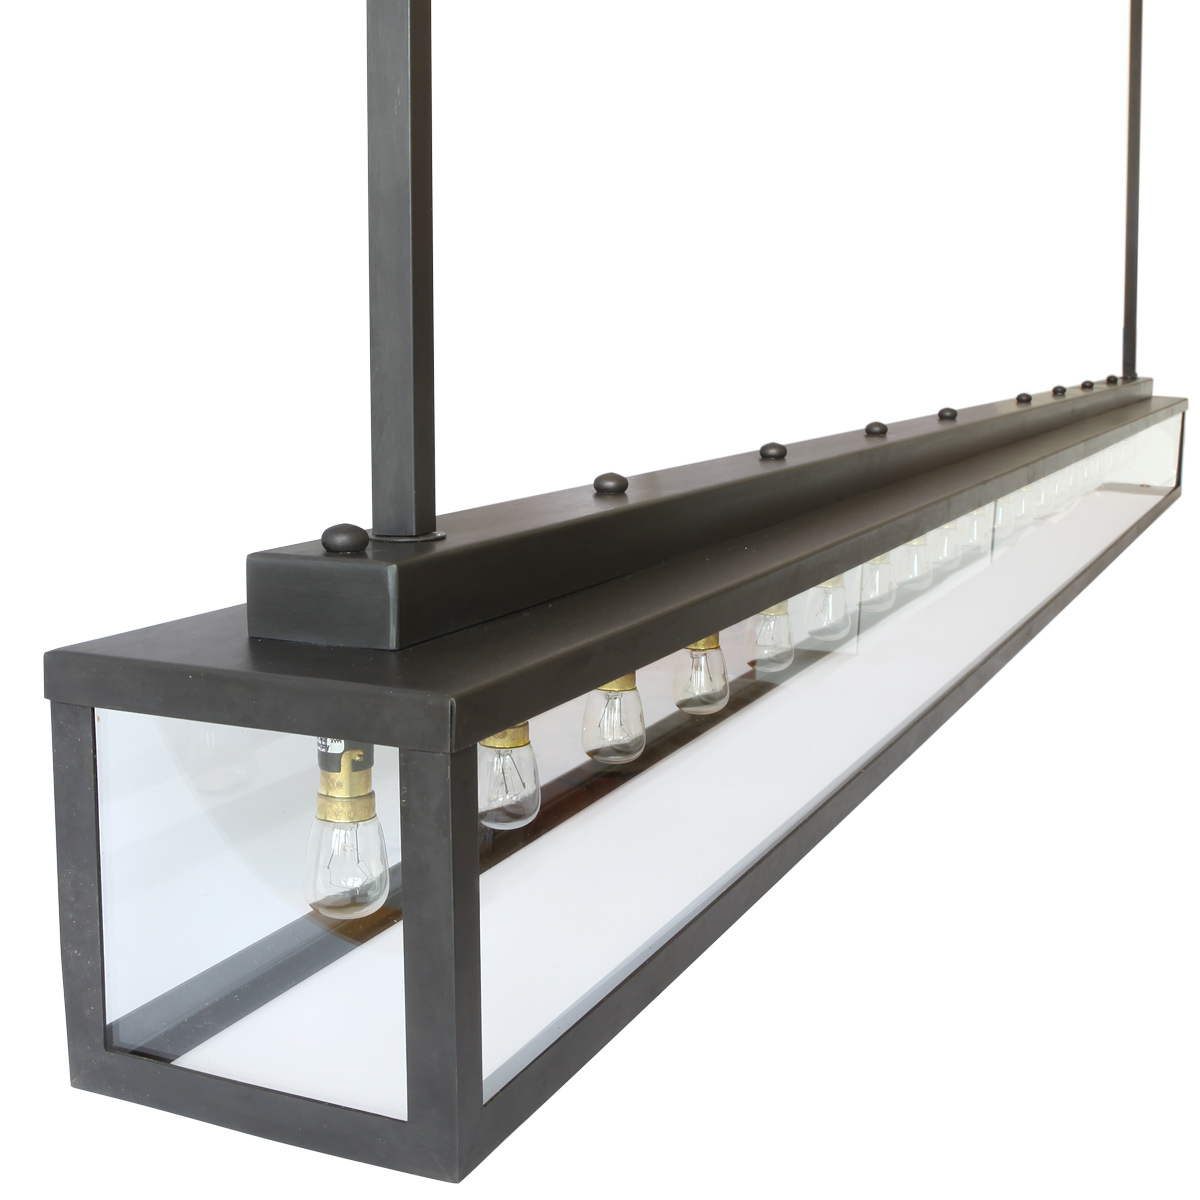 Deckenlampe Aus Holz Cool Messing Bronze Lampe Leuchter: Lange Hngeleuchte. Amazing Beste Lampen Wei Er Set Tisch